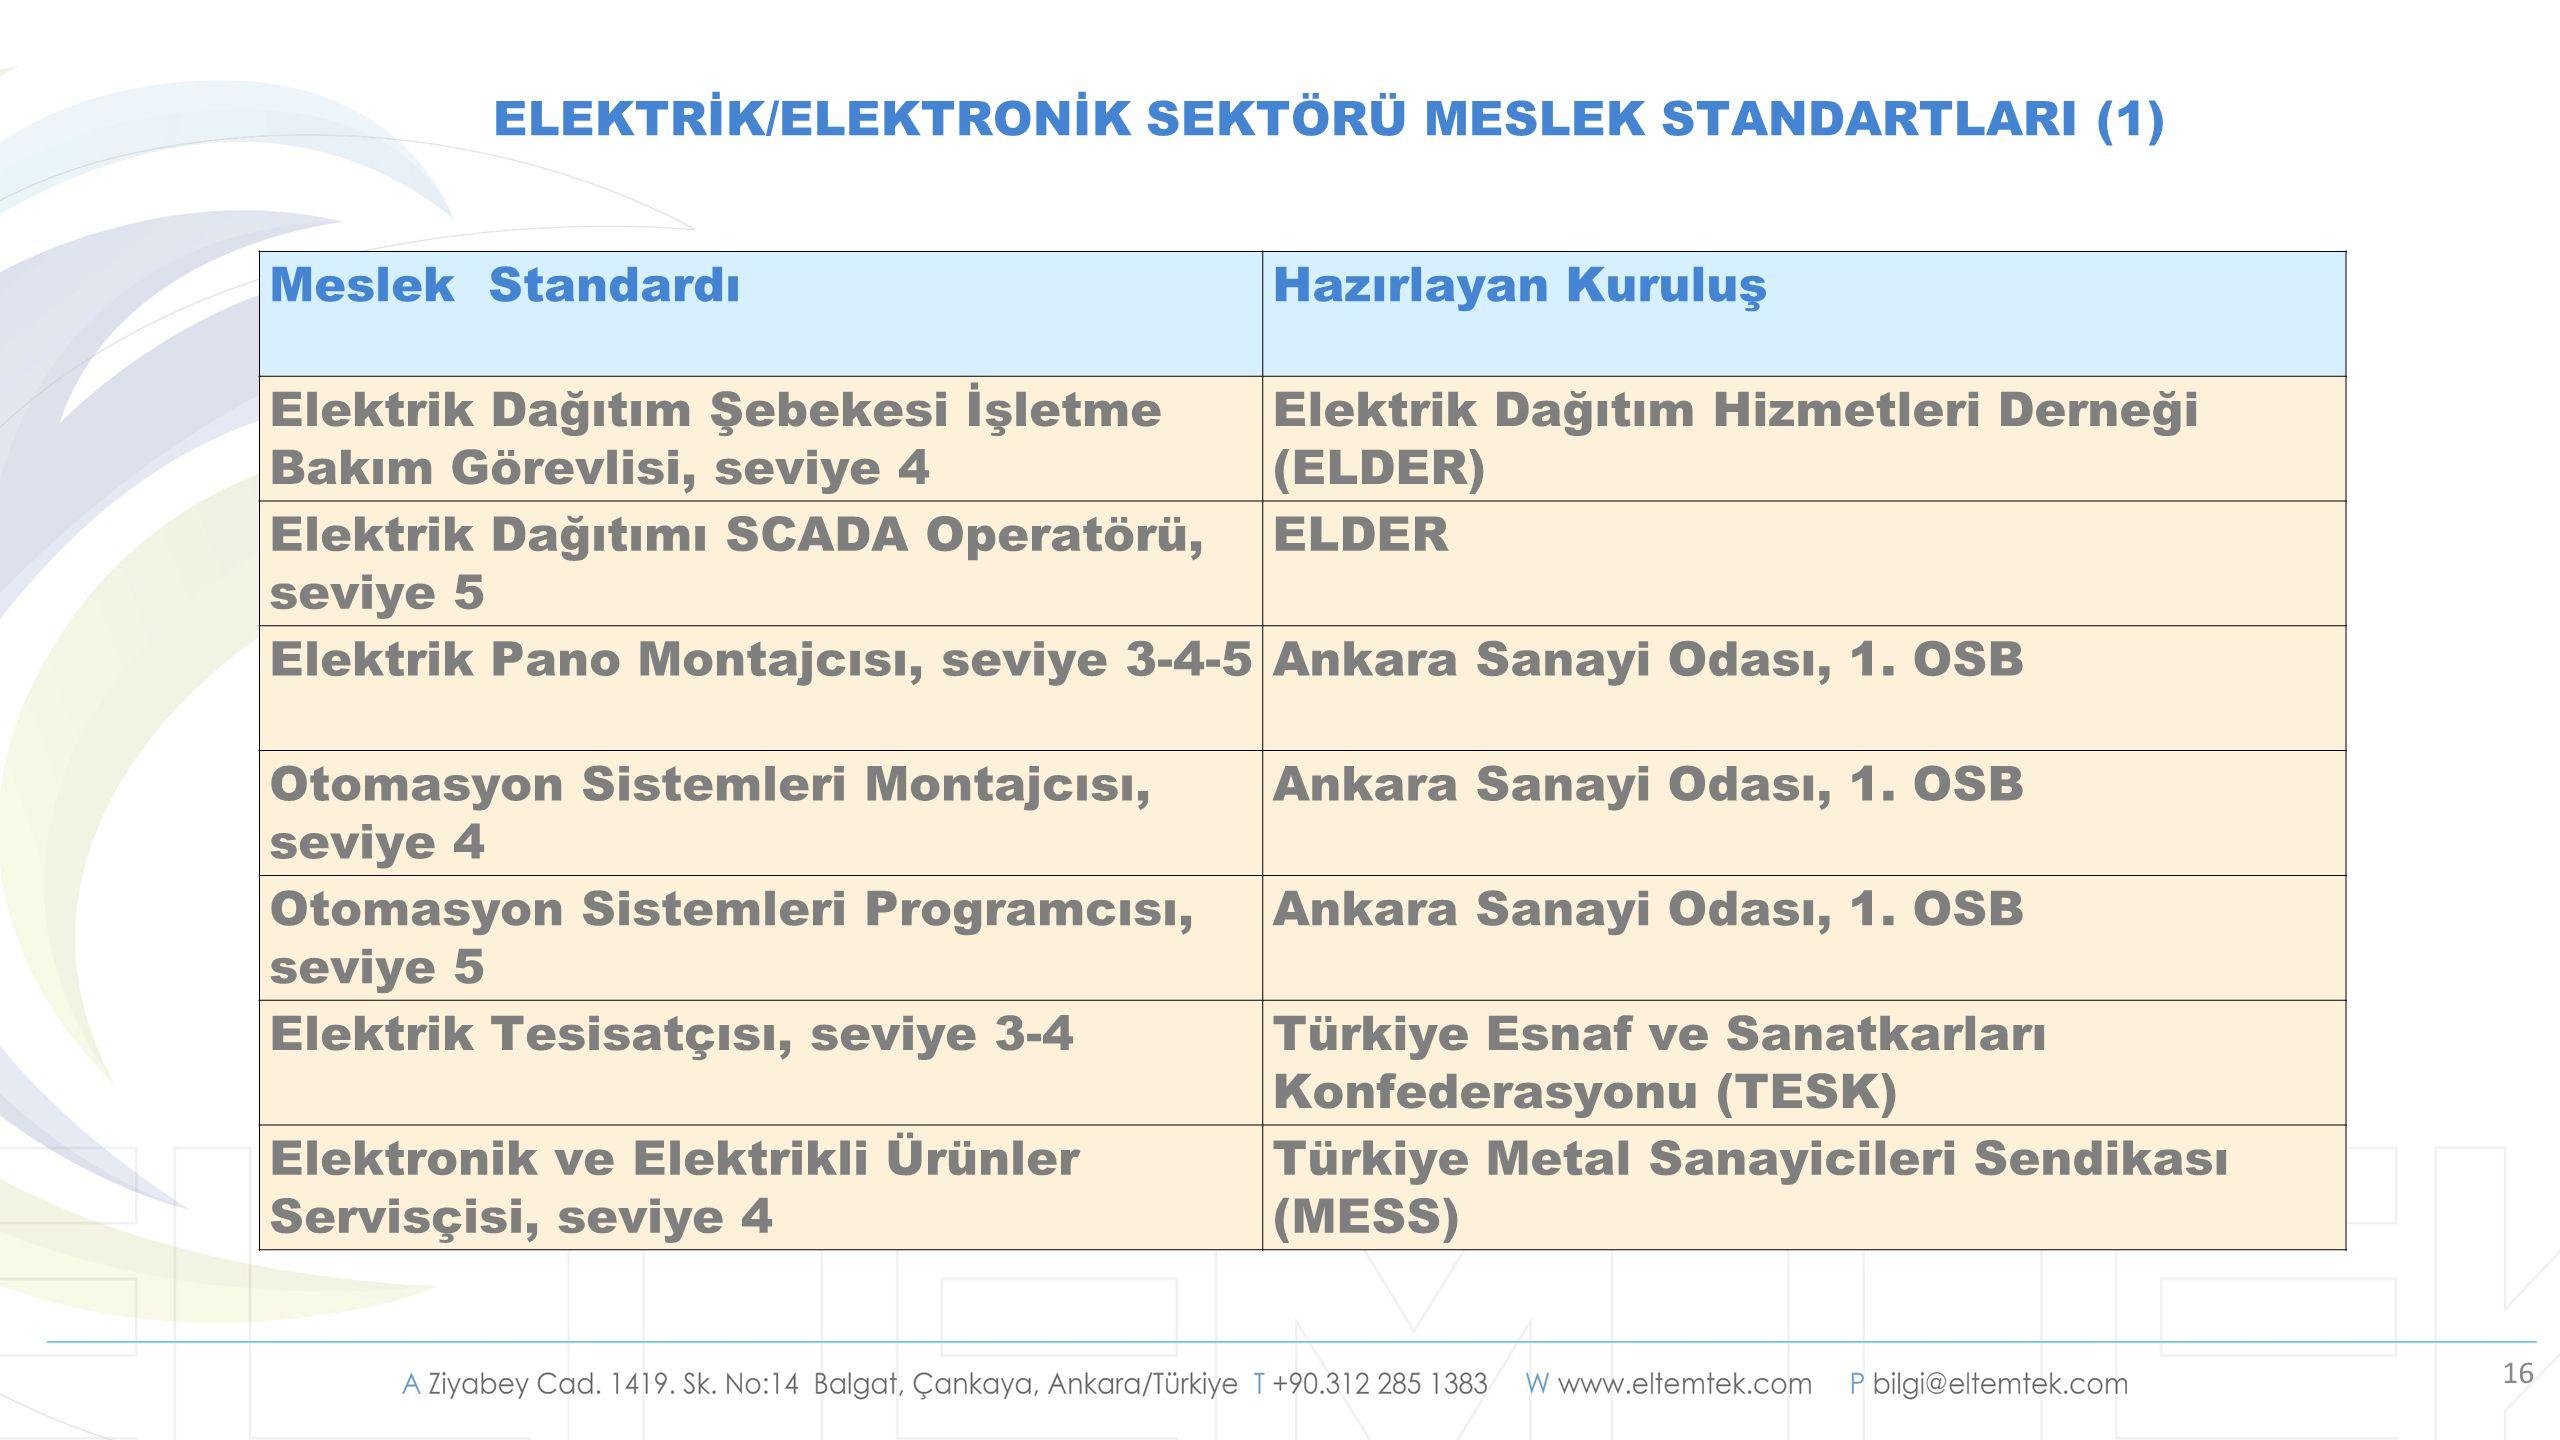 ELEKTRİK/ELEKTRONİK SEKTÖRÜ MESLEK STANDARTLARI (1)